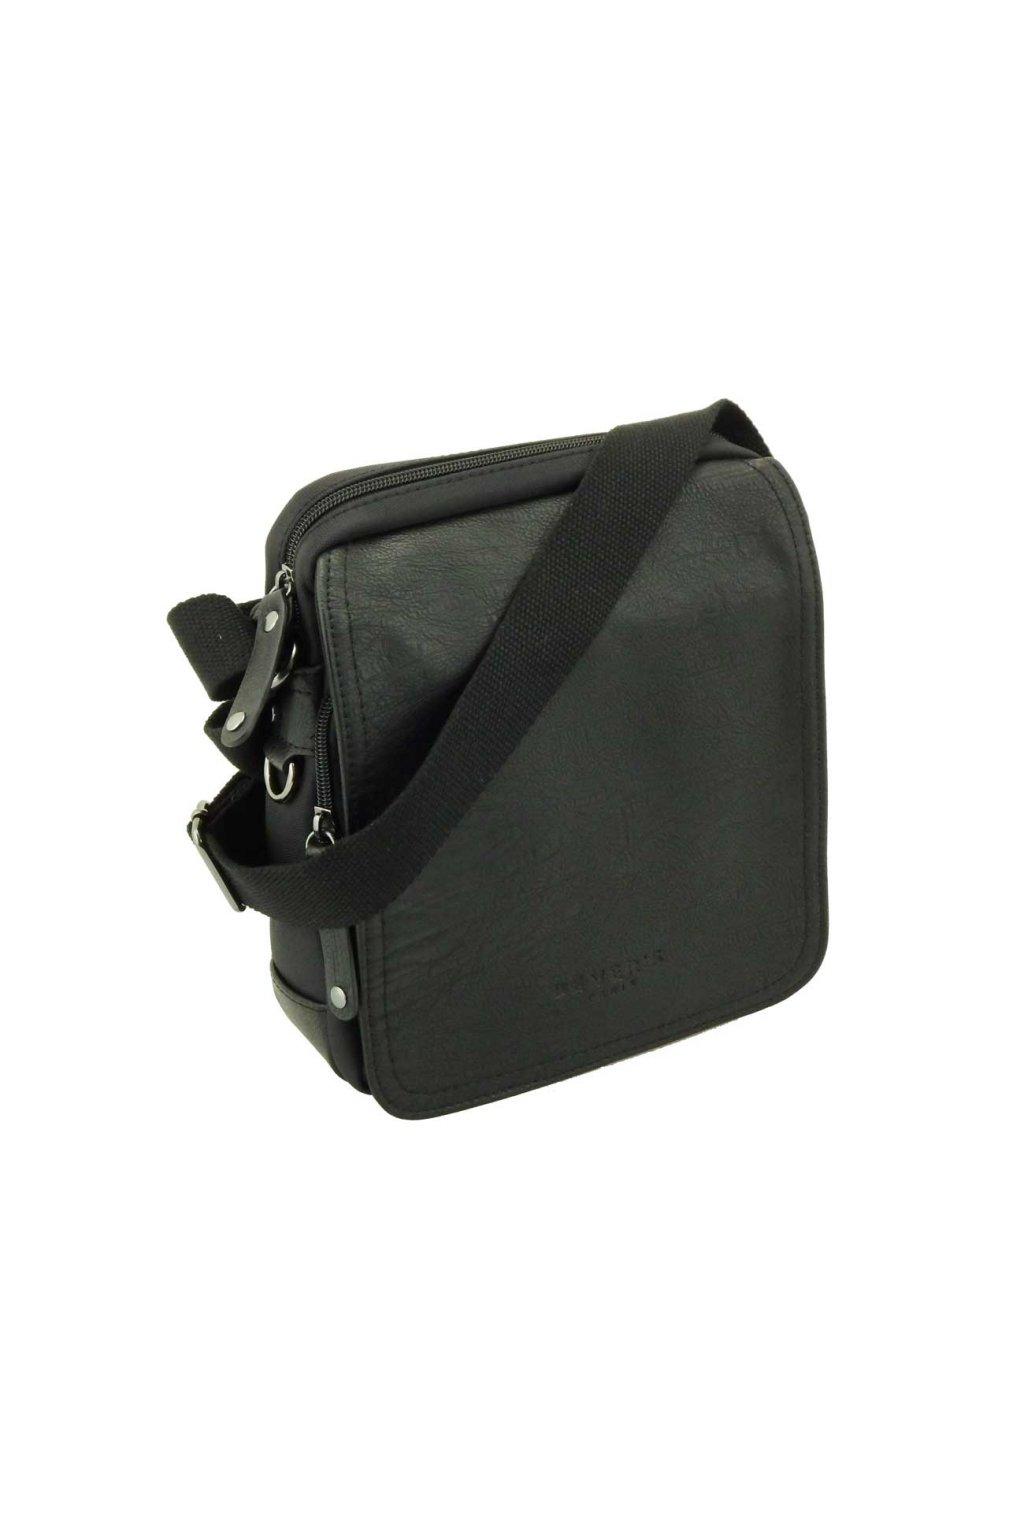 pánská taška přes rameno malá černá PK046 819 1